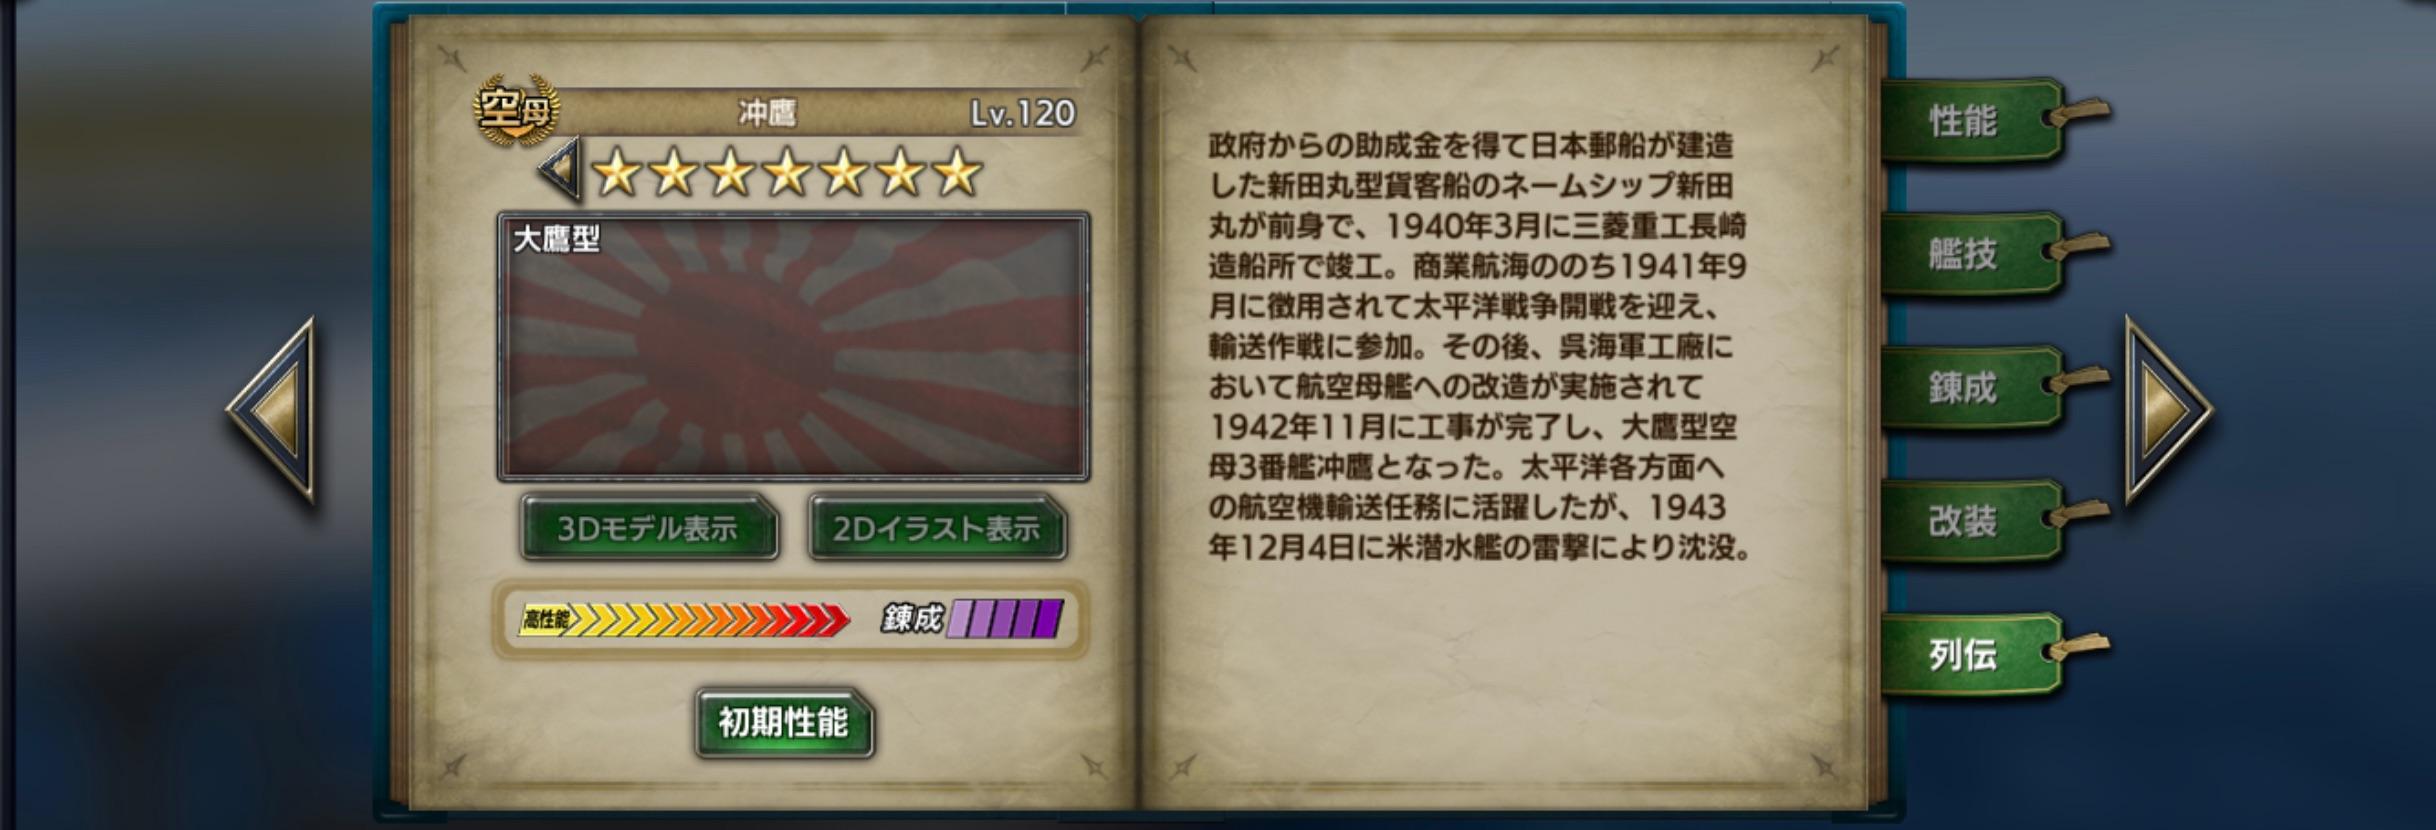 Chuyo-history